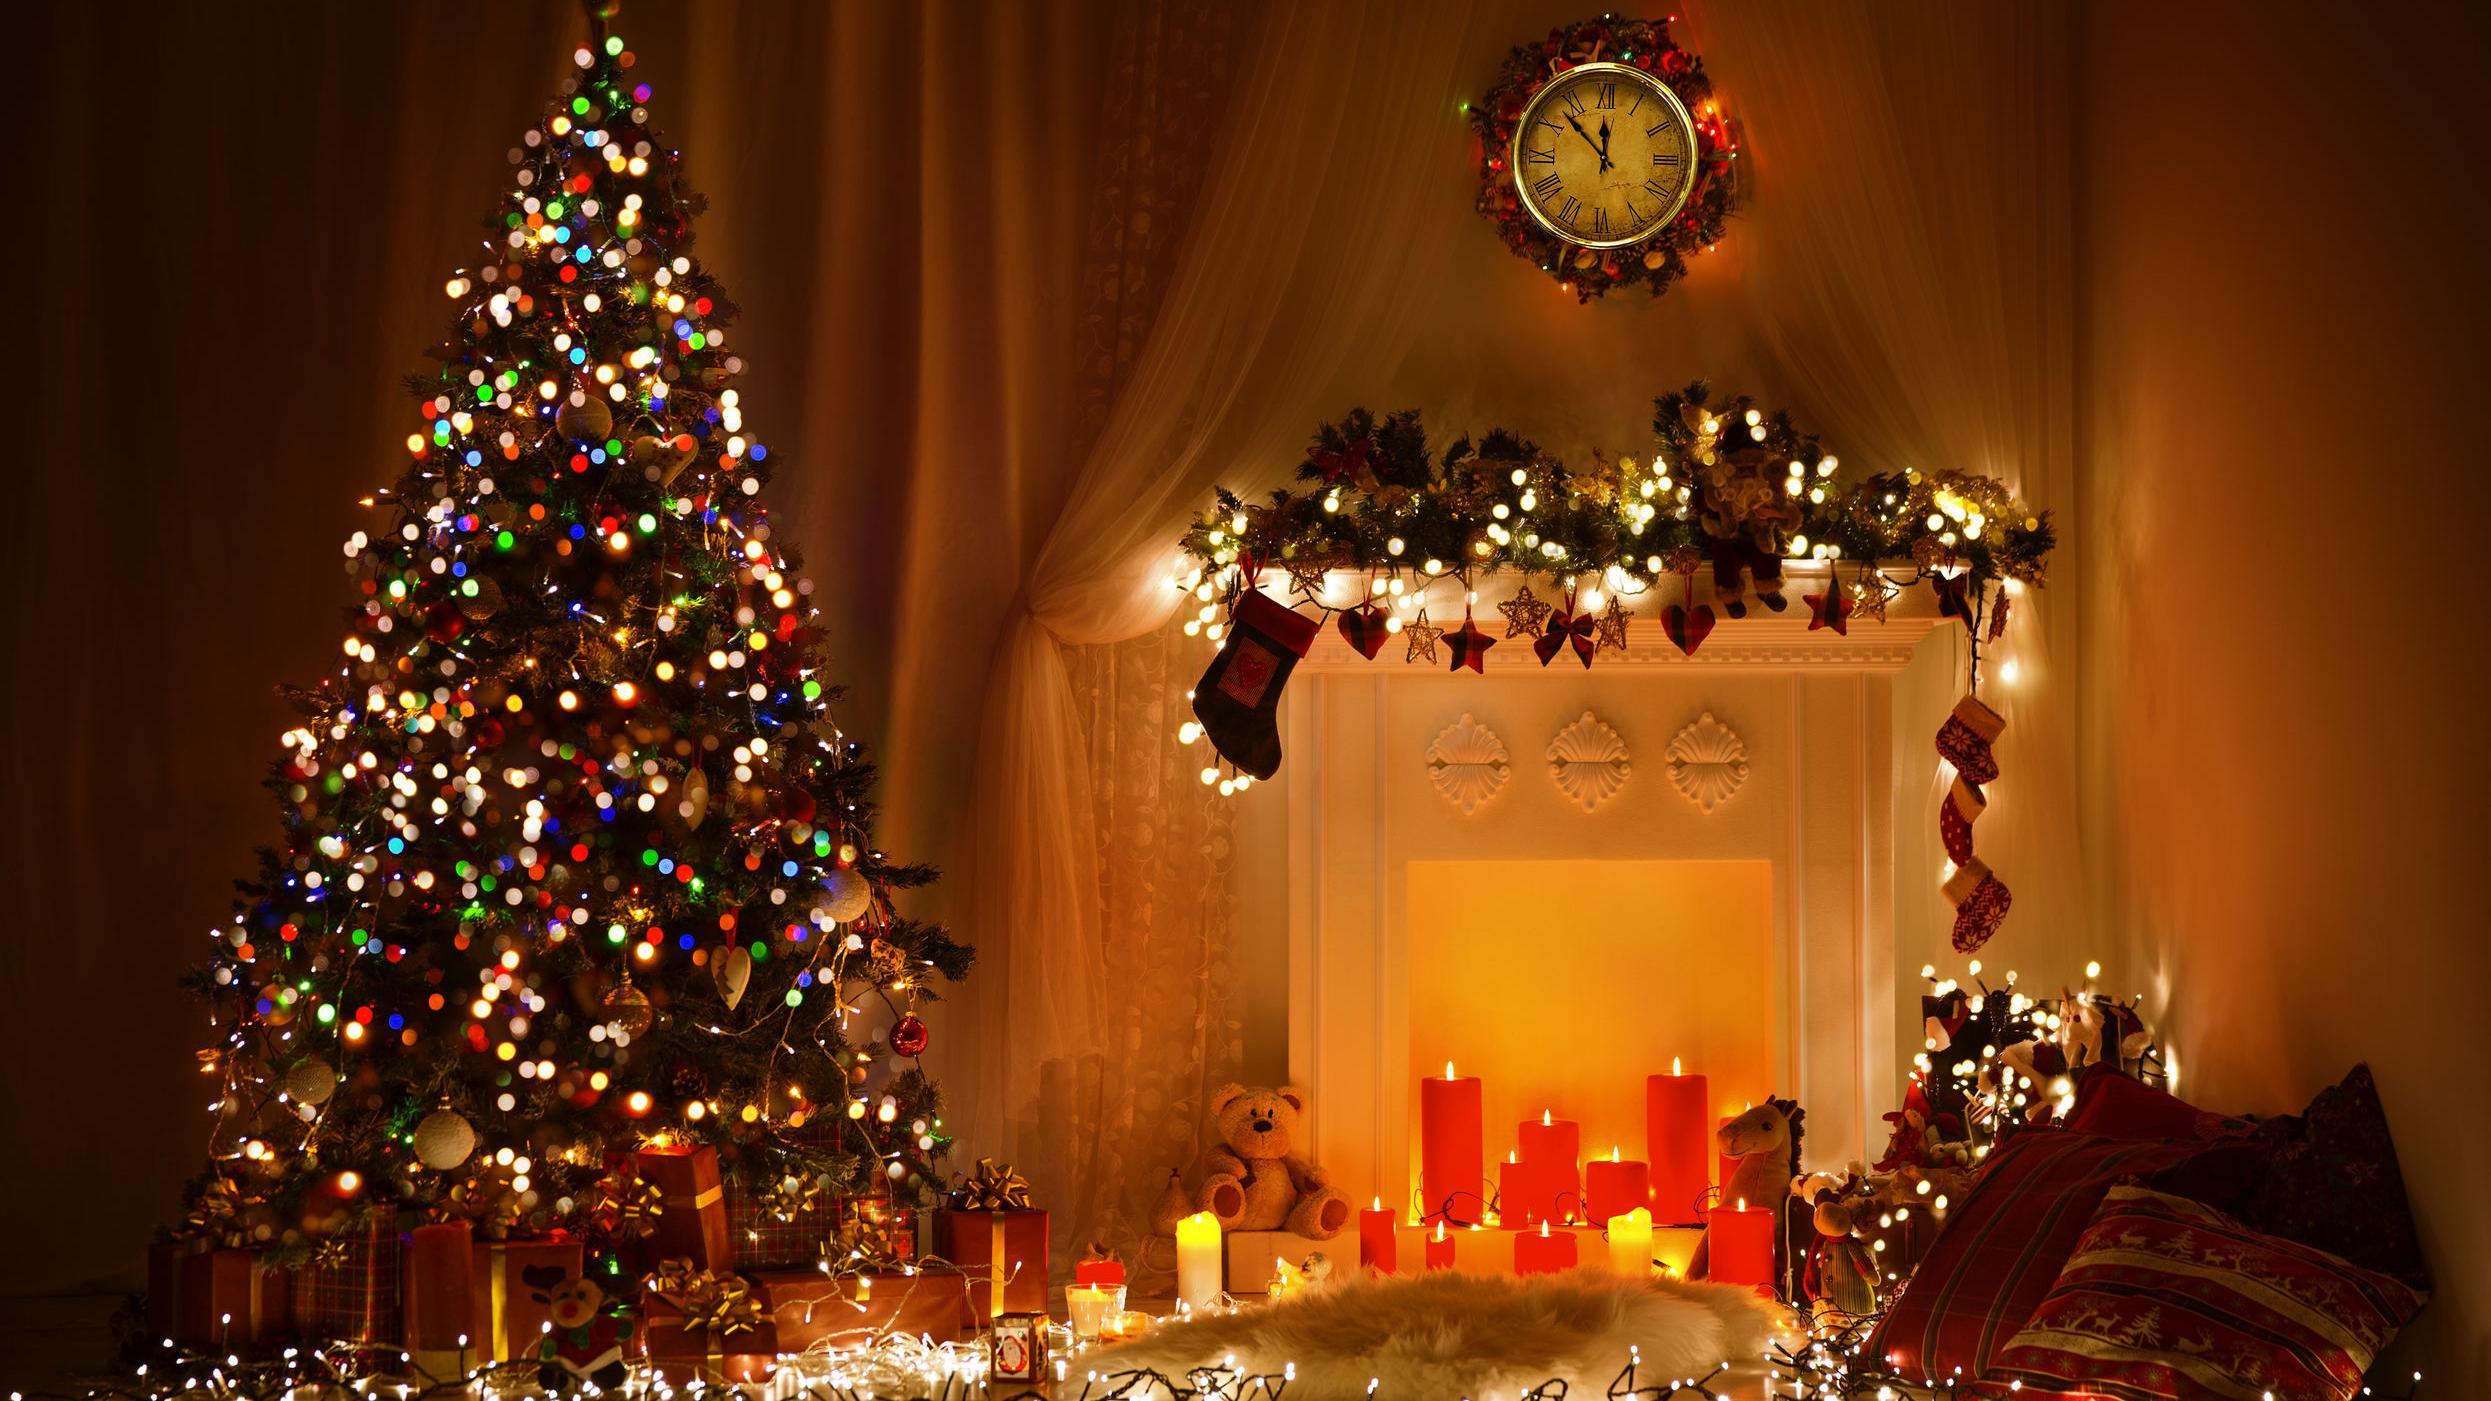 Bożonarodzeniowe Wiersze I Wierszyki Na święta Prezenty I